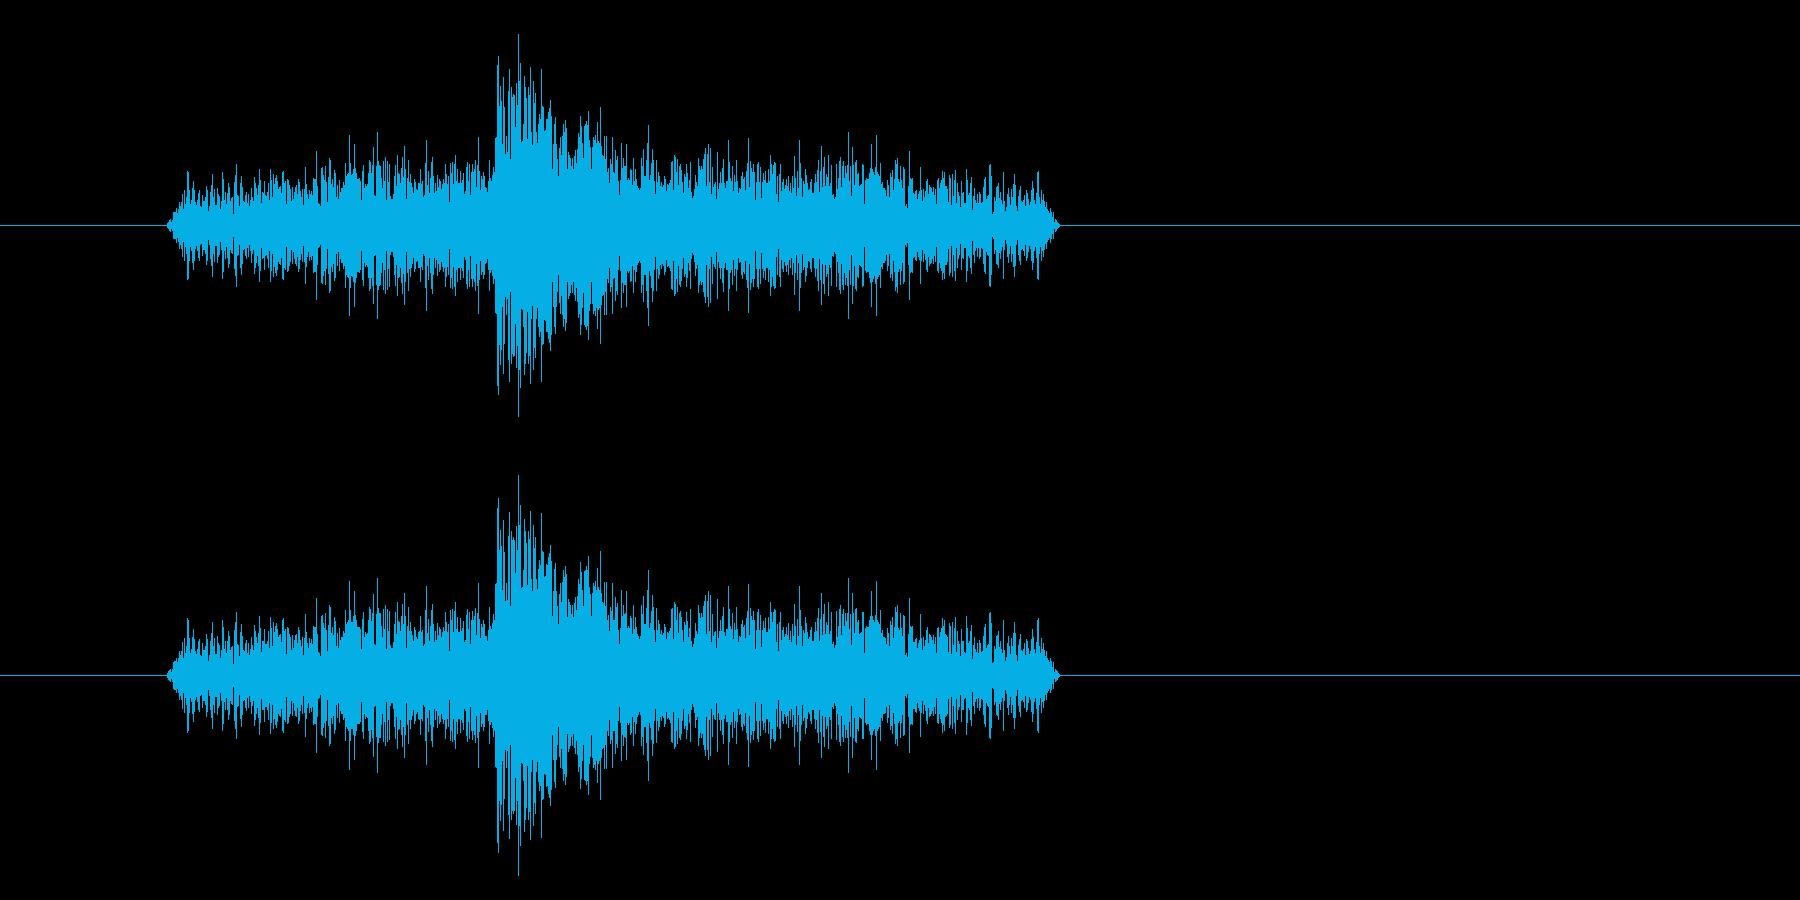 ジャン!リバースオケヒその1_音程低めの再生済みの波形